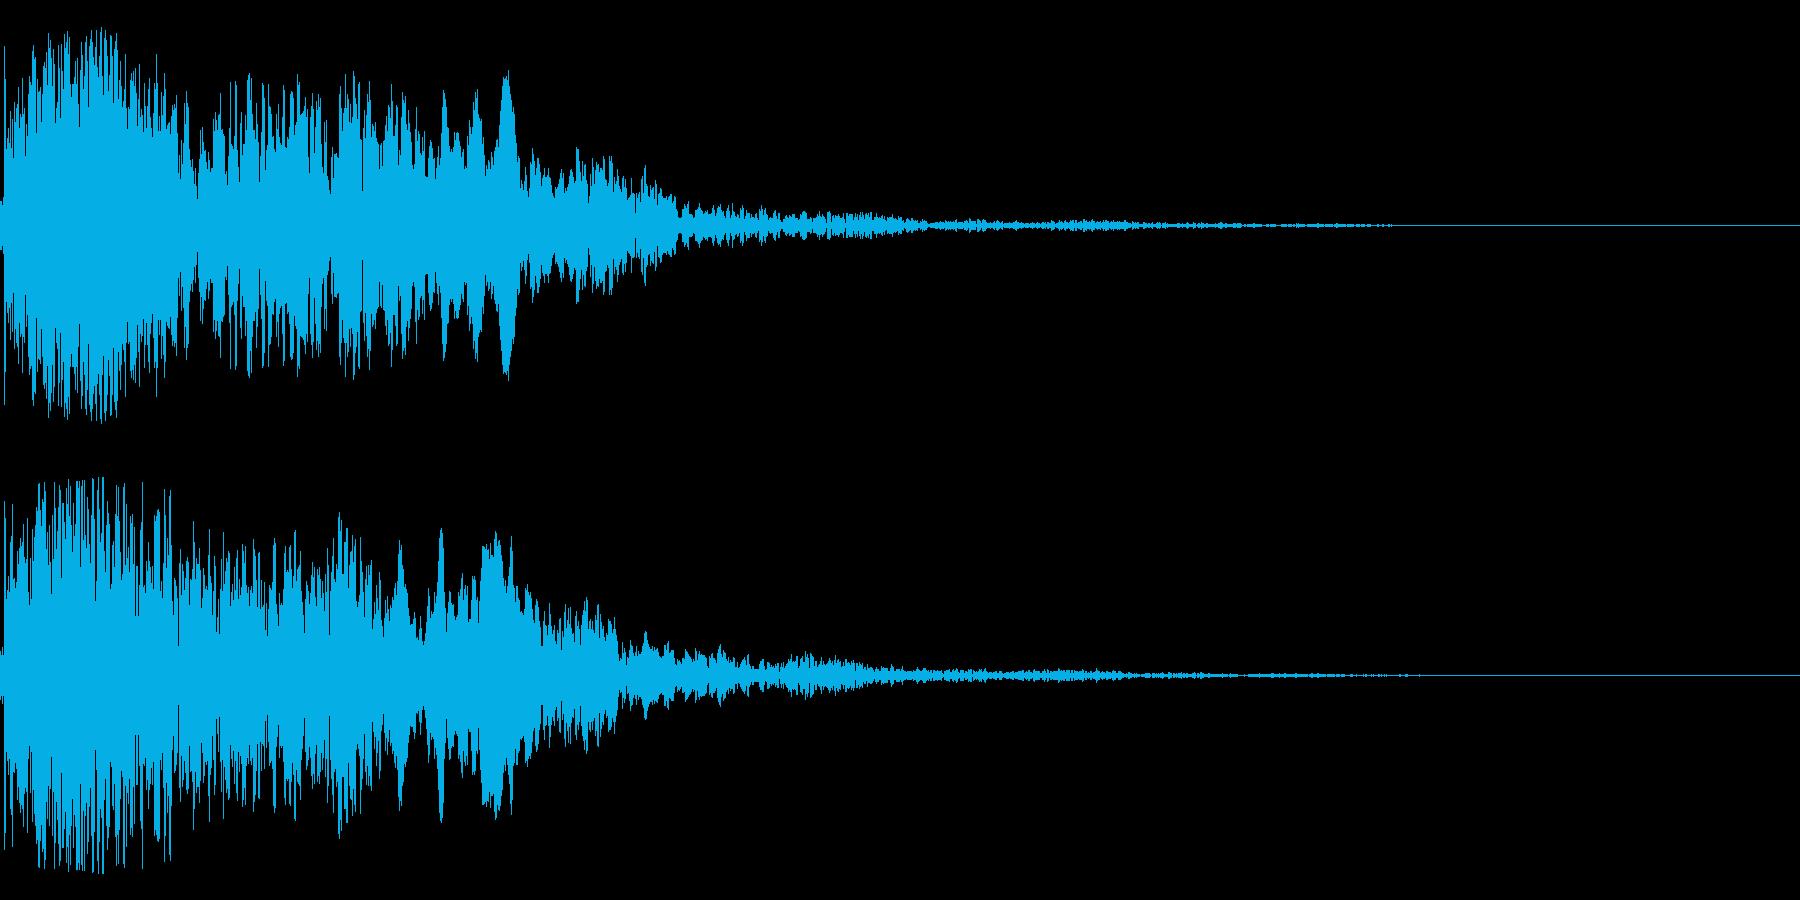 太鼓と尺八の和風インパクトジングル!12の再生済みの波形